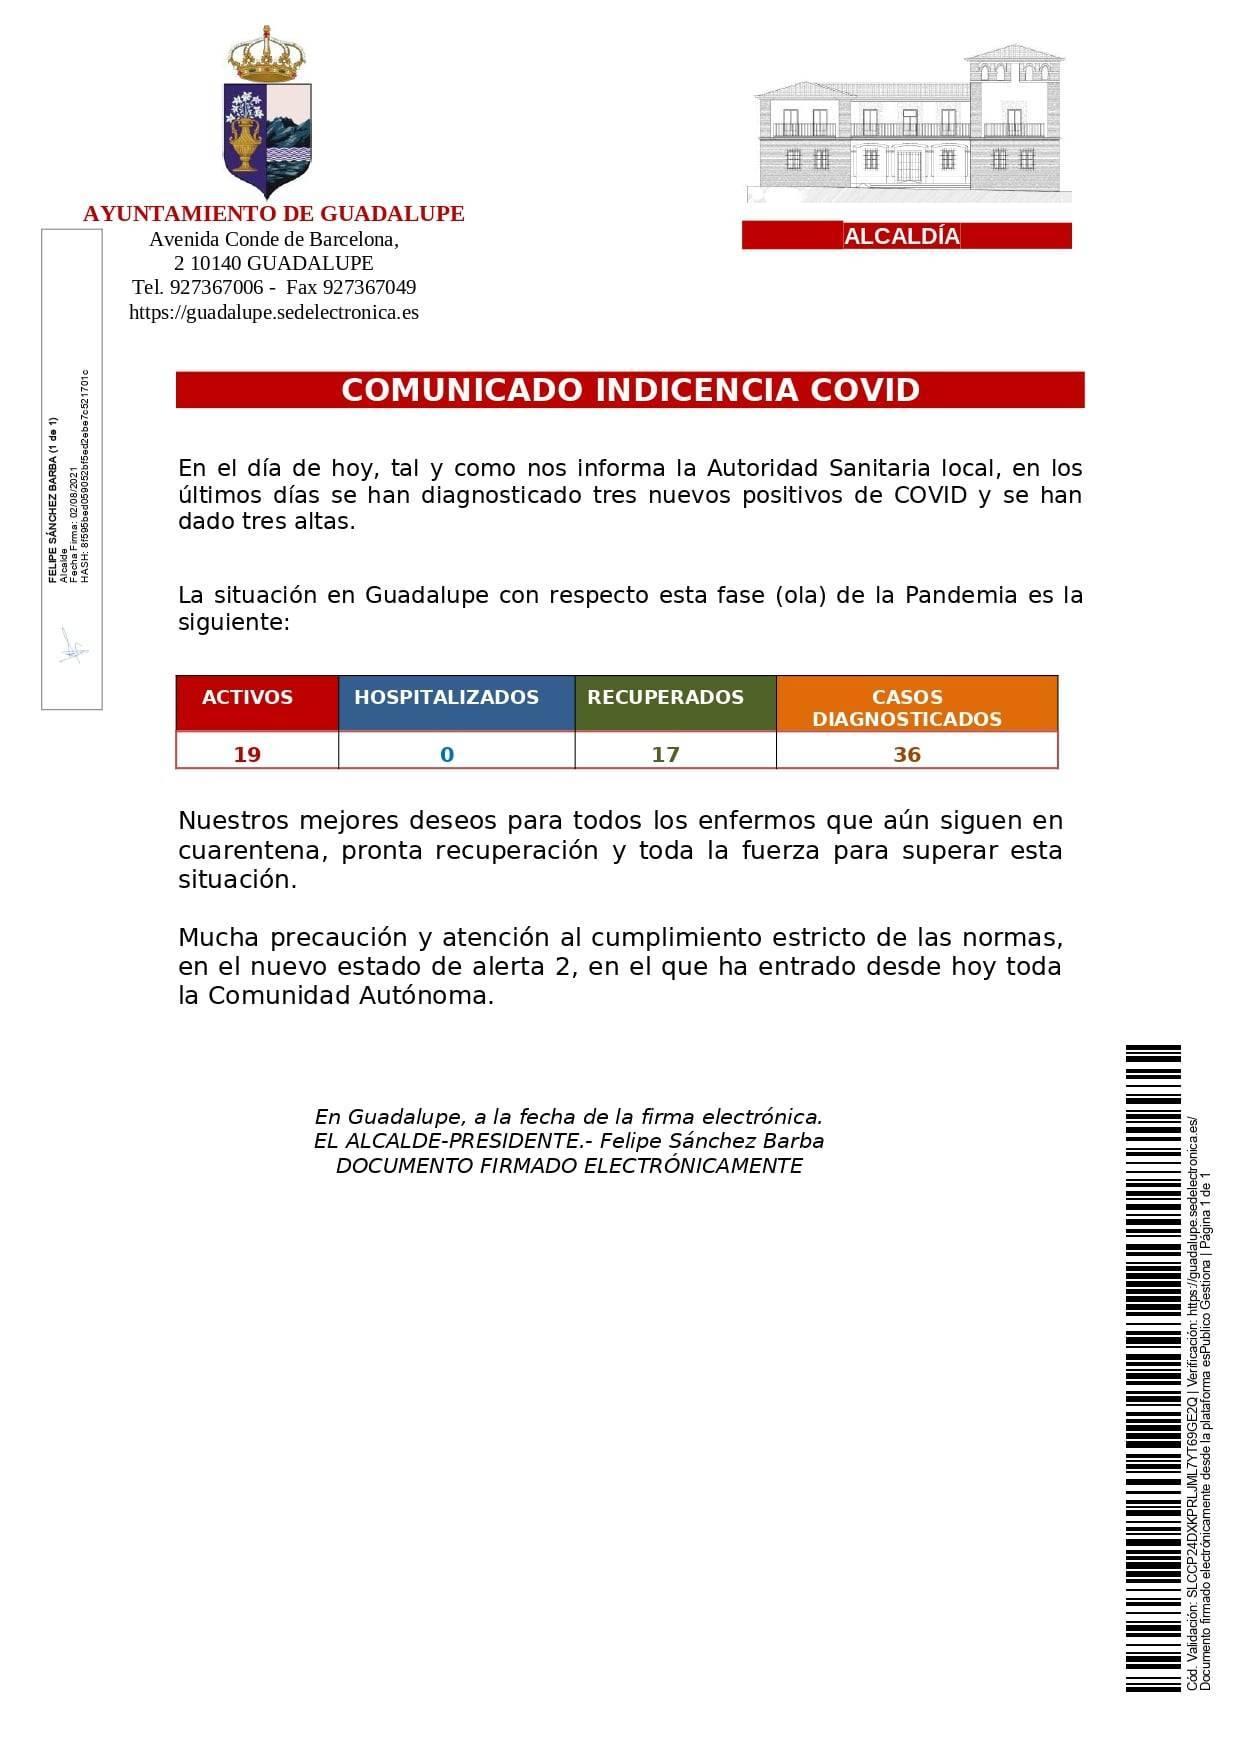 3 nuevos casos positivos y 3 nuevas altas de COVID-19 (agosto 2021) - Guadalupe (Cáceres)